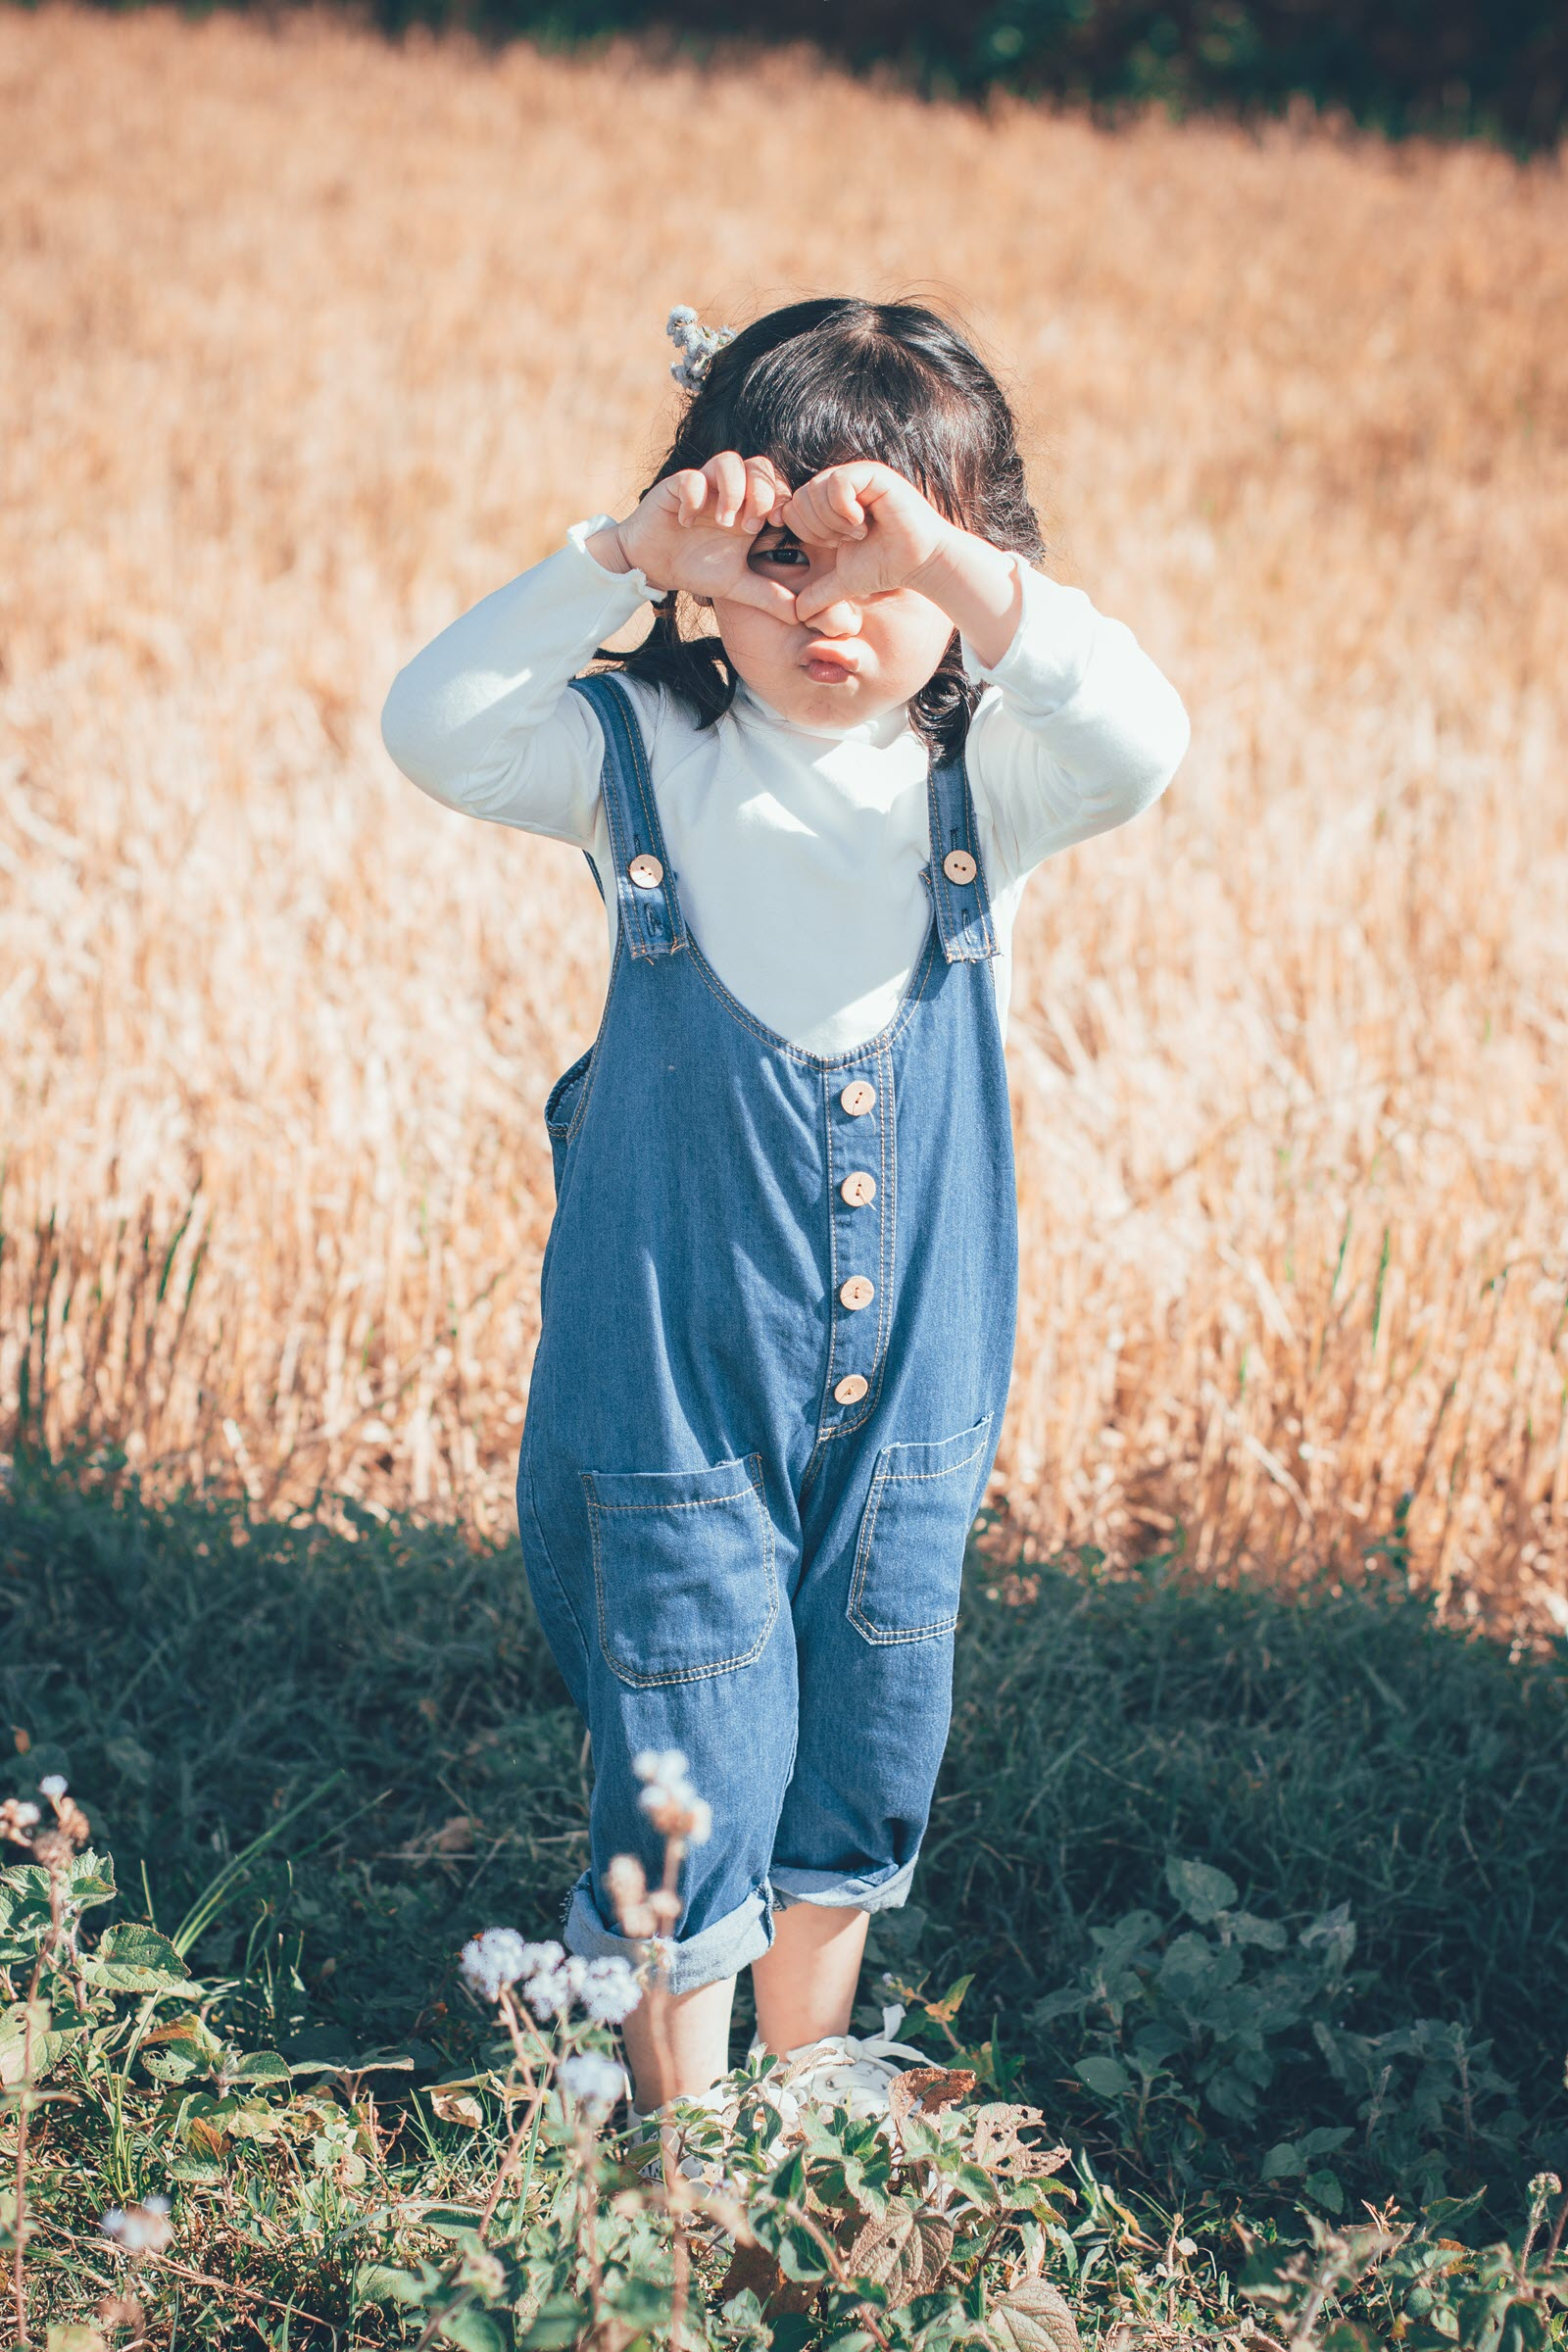 Hình ảnh trẻ con dễ thương